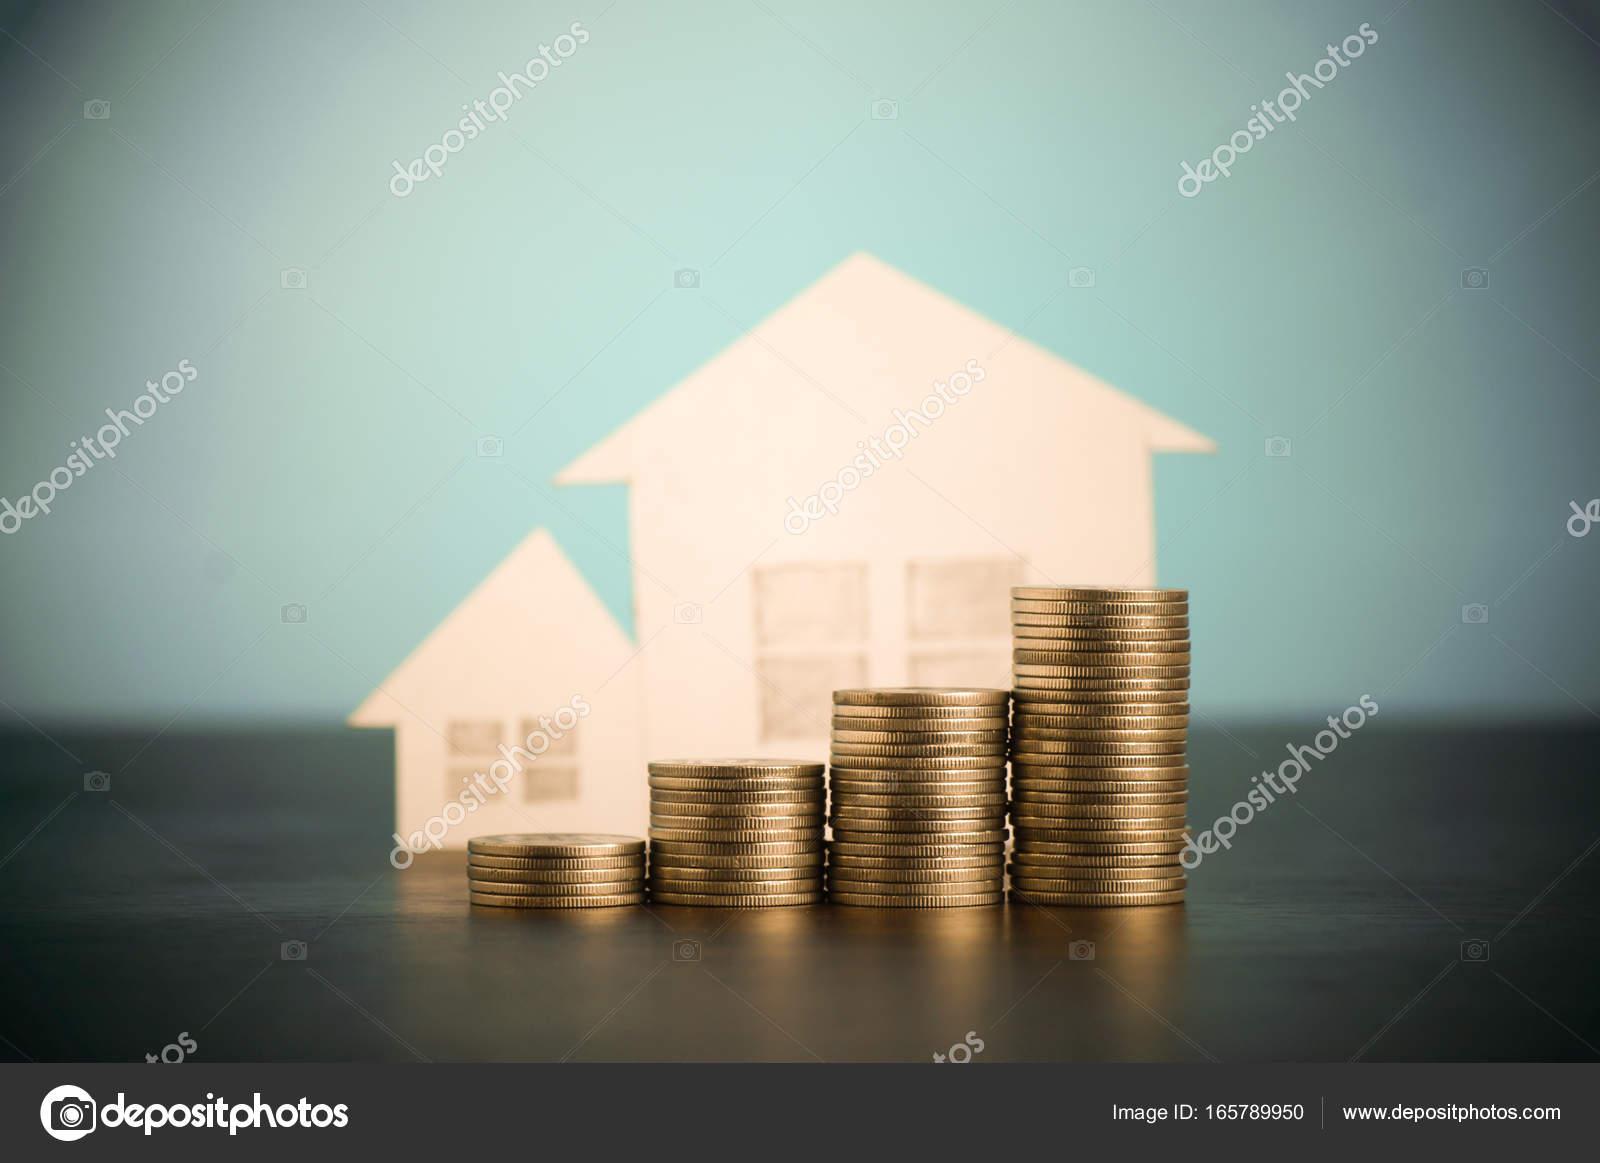 Monton De Dinero Monedas Creciendo Concepto En El Negocio De